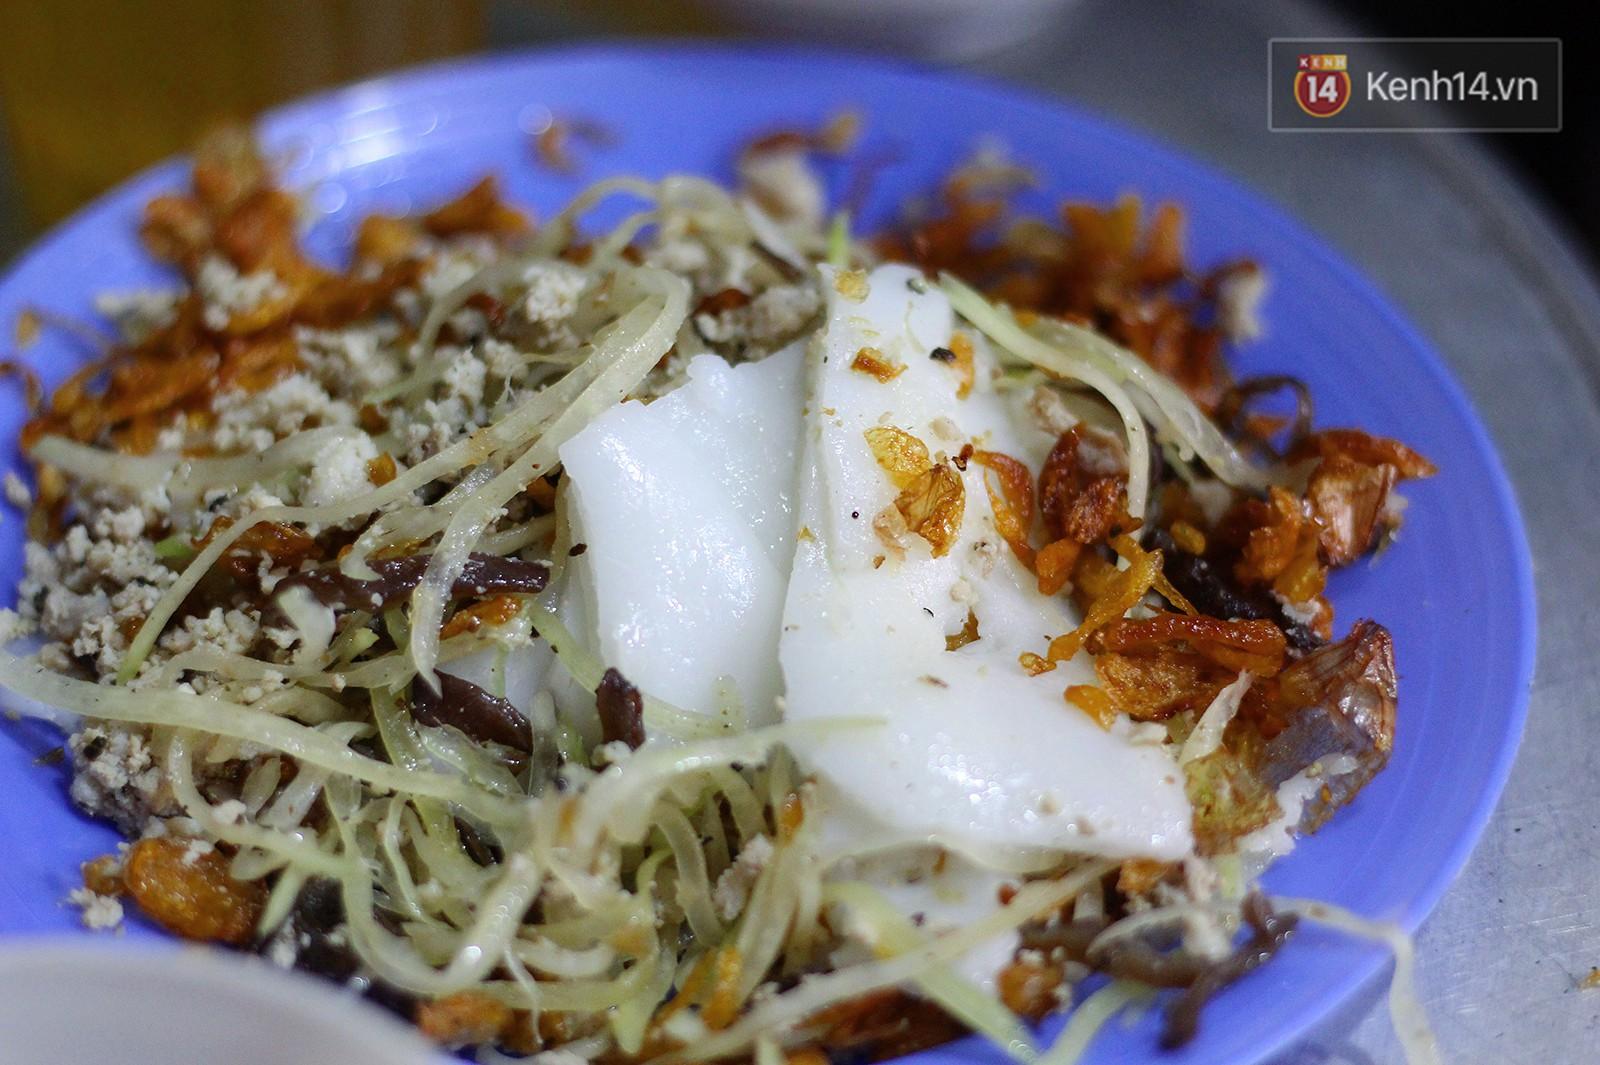 Món ăn mà ở Hà Nội chỉ có một hàng duy nhất và chỉ bán đúng 3 tối cuối tuần, còn không tranh thủ ngay thôi! - Ảnh 2.